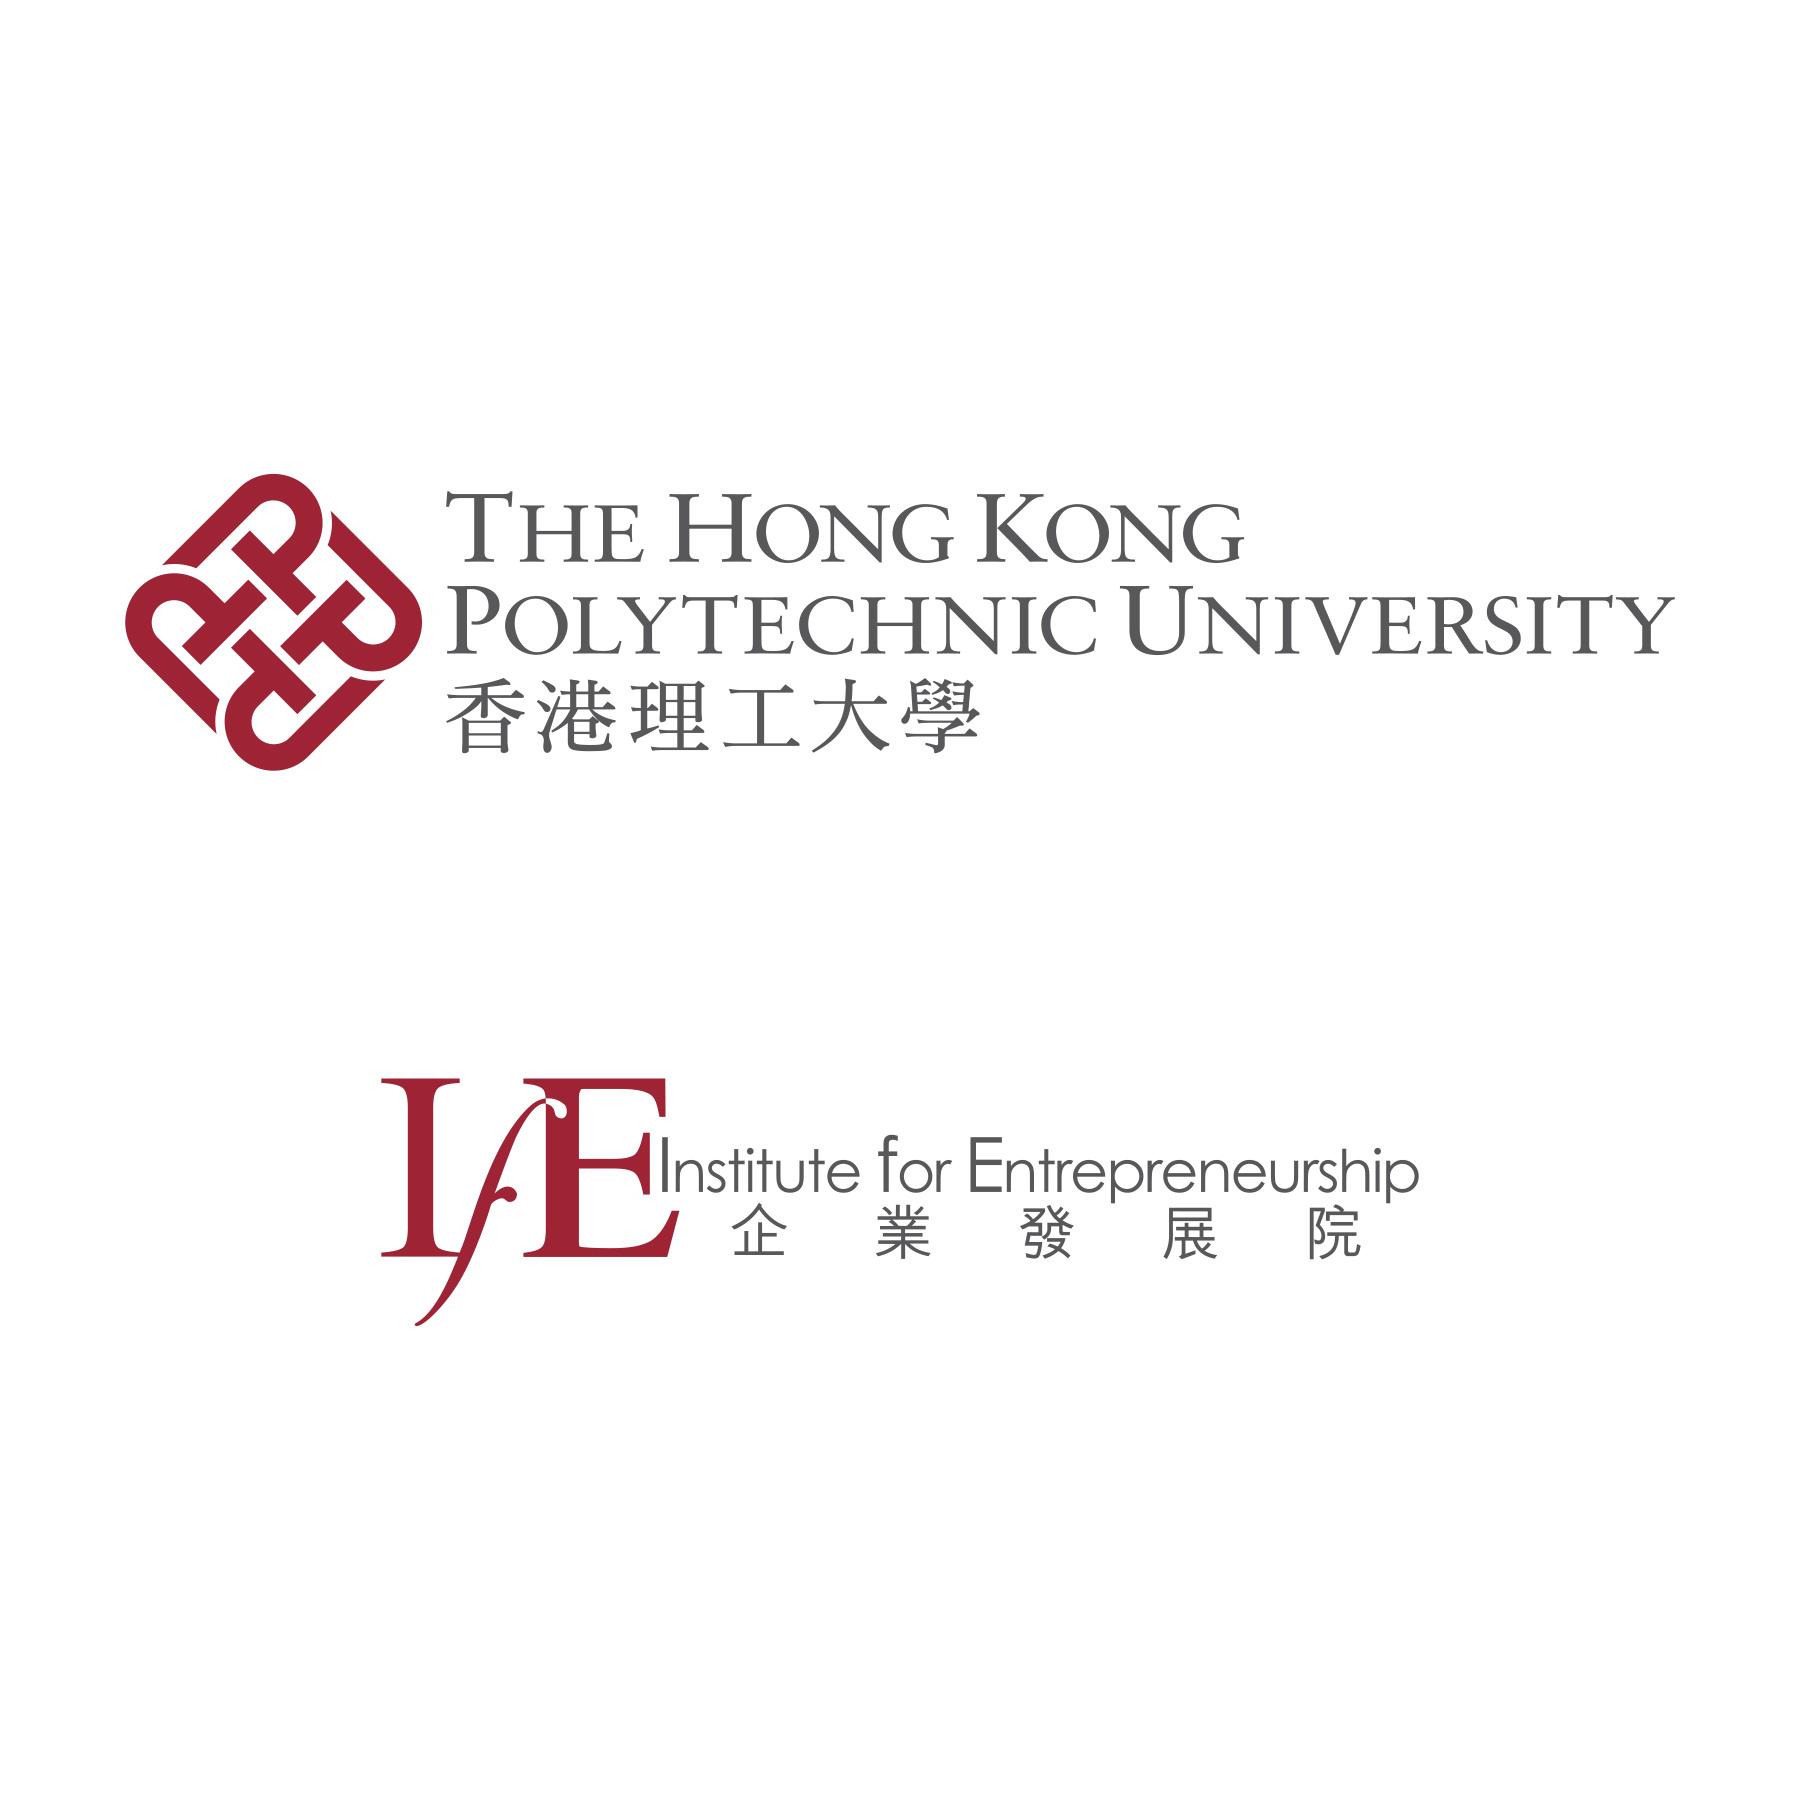 Polytechnic University Institute for Entrepreneurship